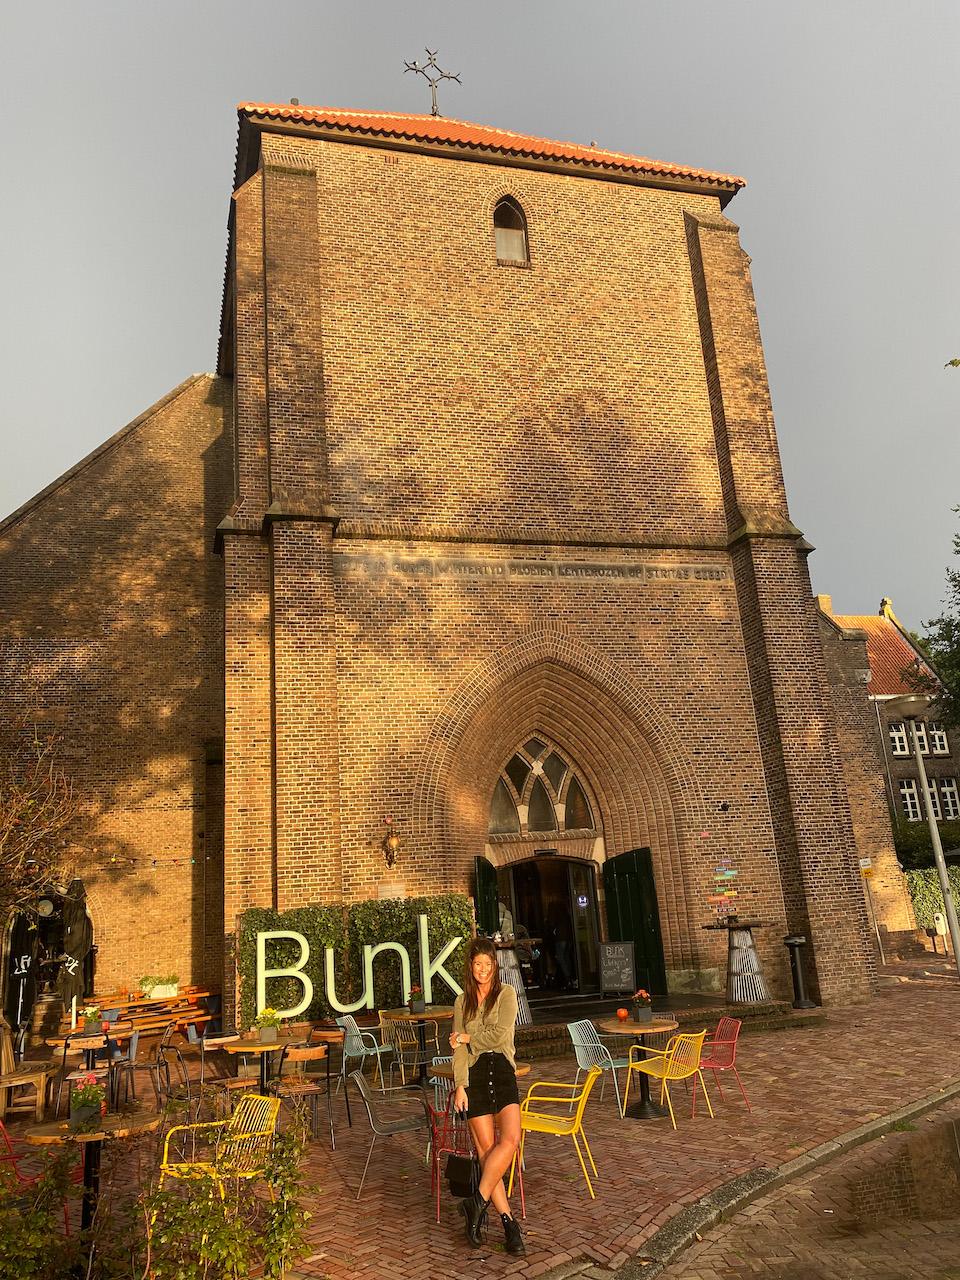 St. Rita kerk in Amsterdam Noord wordt Hotel Bunk - Chloe Sterk blogger review